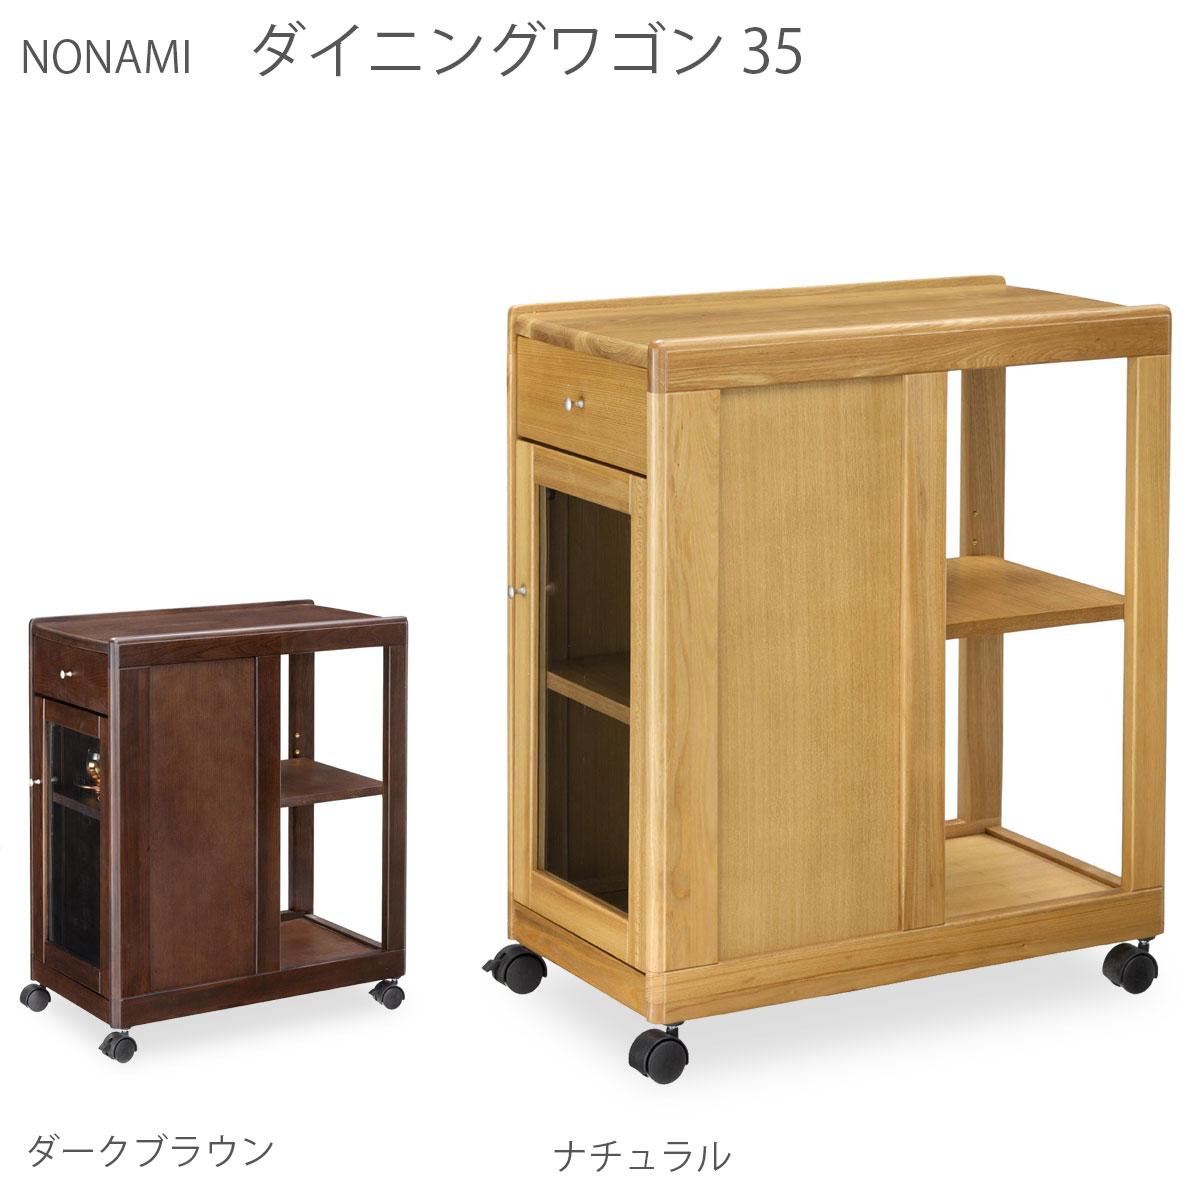 曙工芸製作所 ノナミシリーズ ダイニングワゴン ナチュラル ダークブラウン NONAMI-35LO NONAMI-35BR